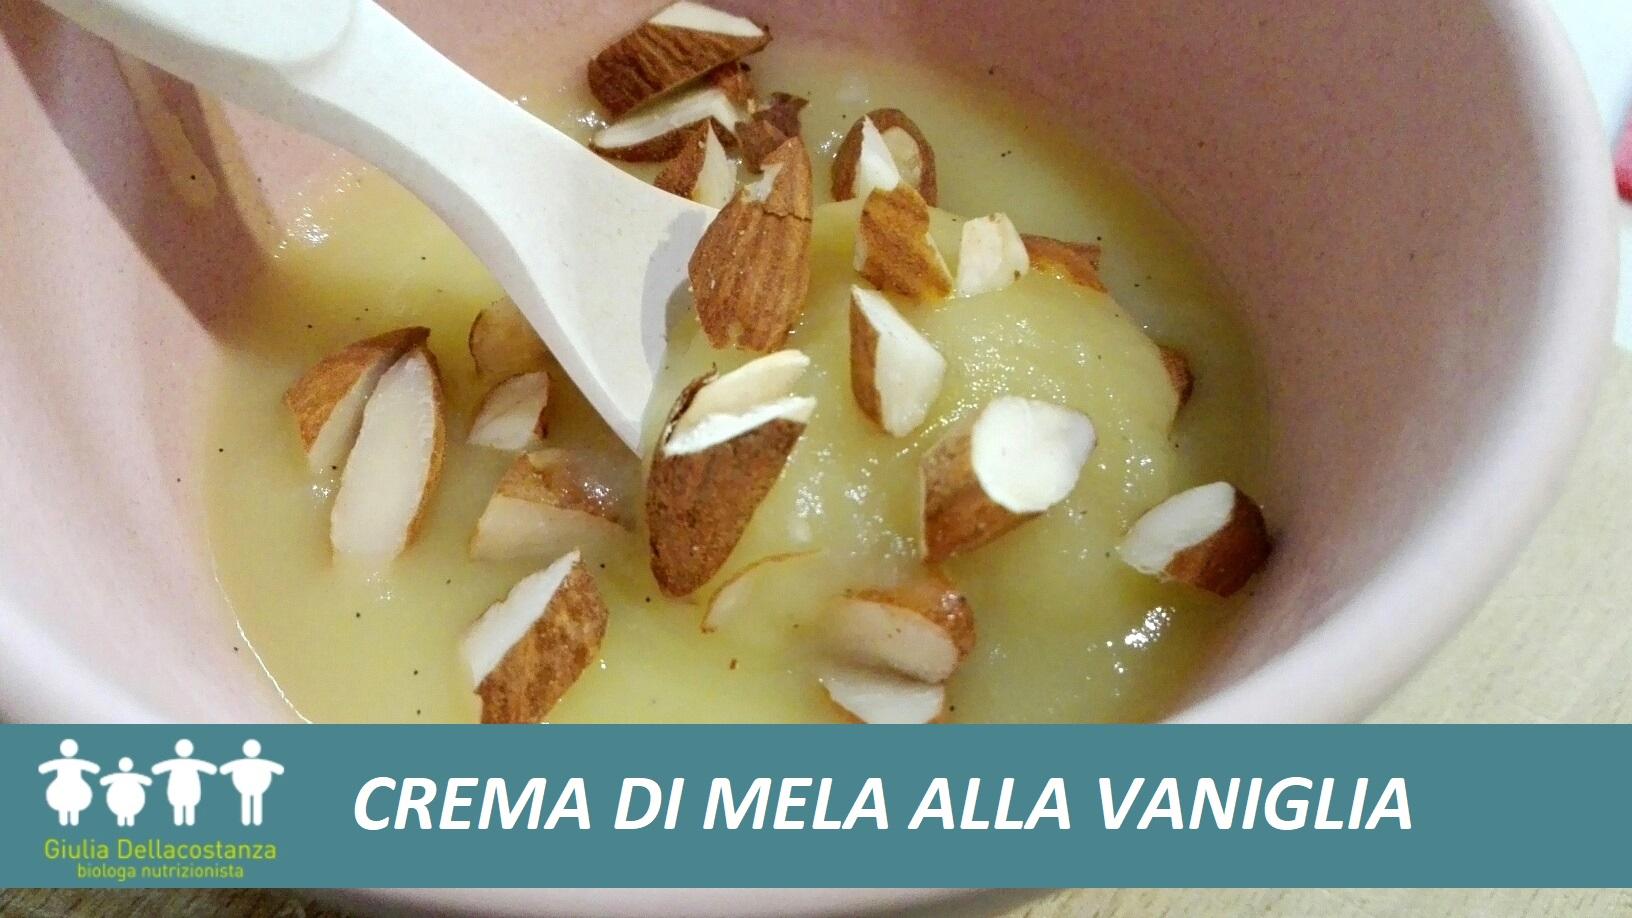 Frutta - crema di mela alla vaniglia.